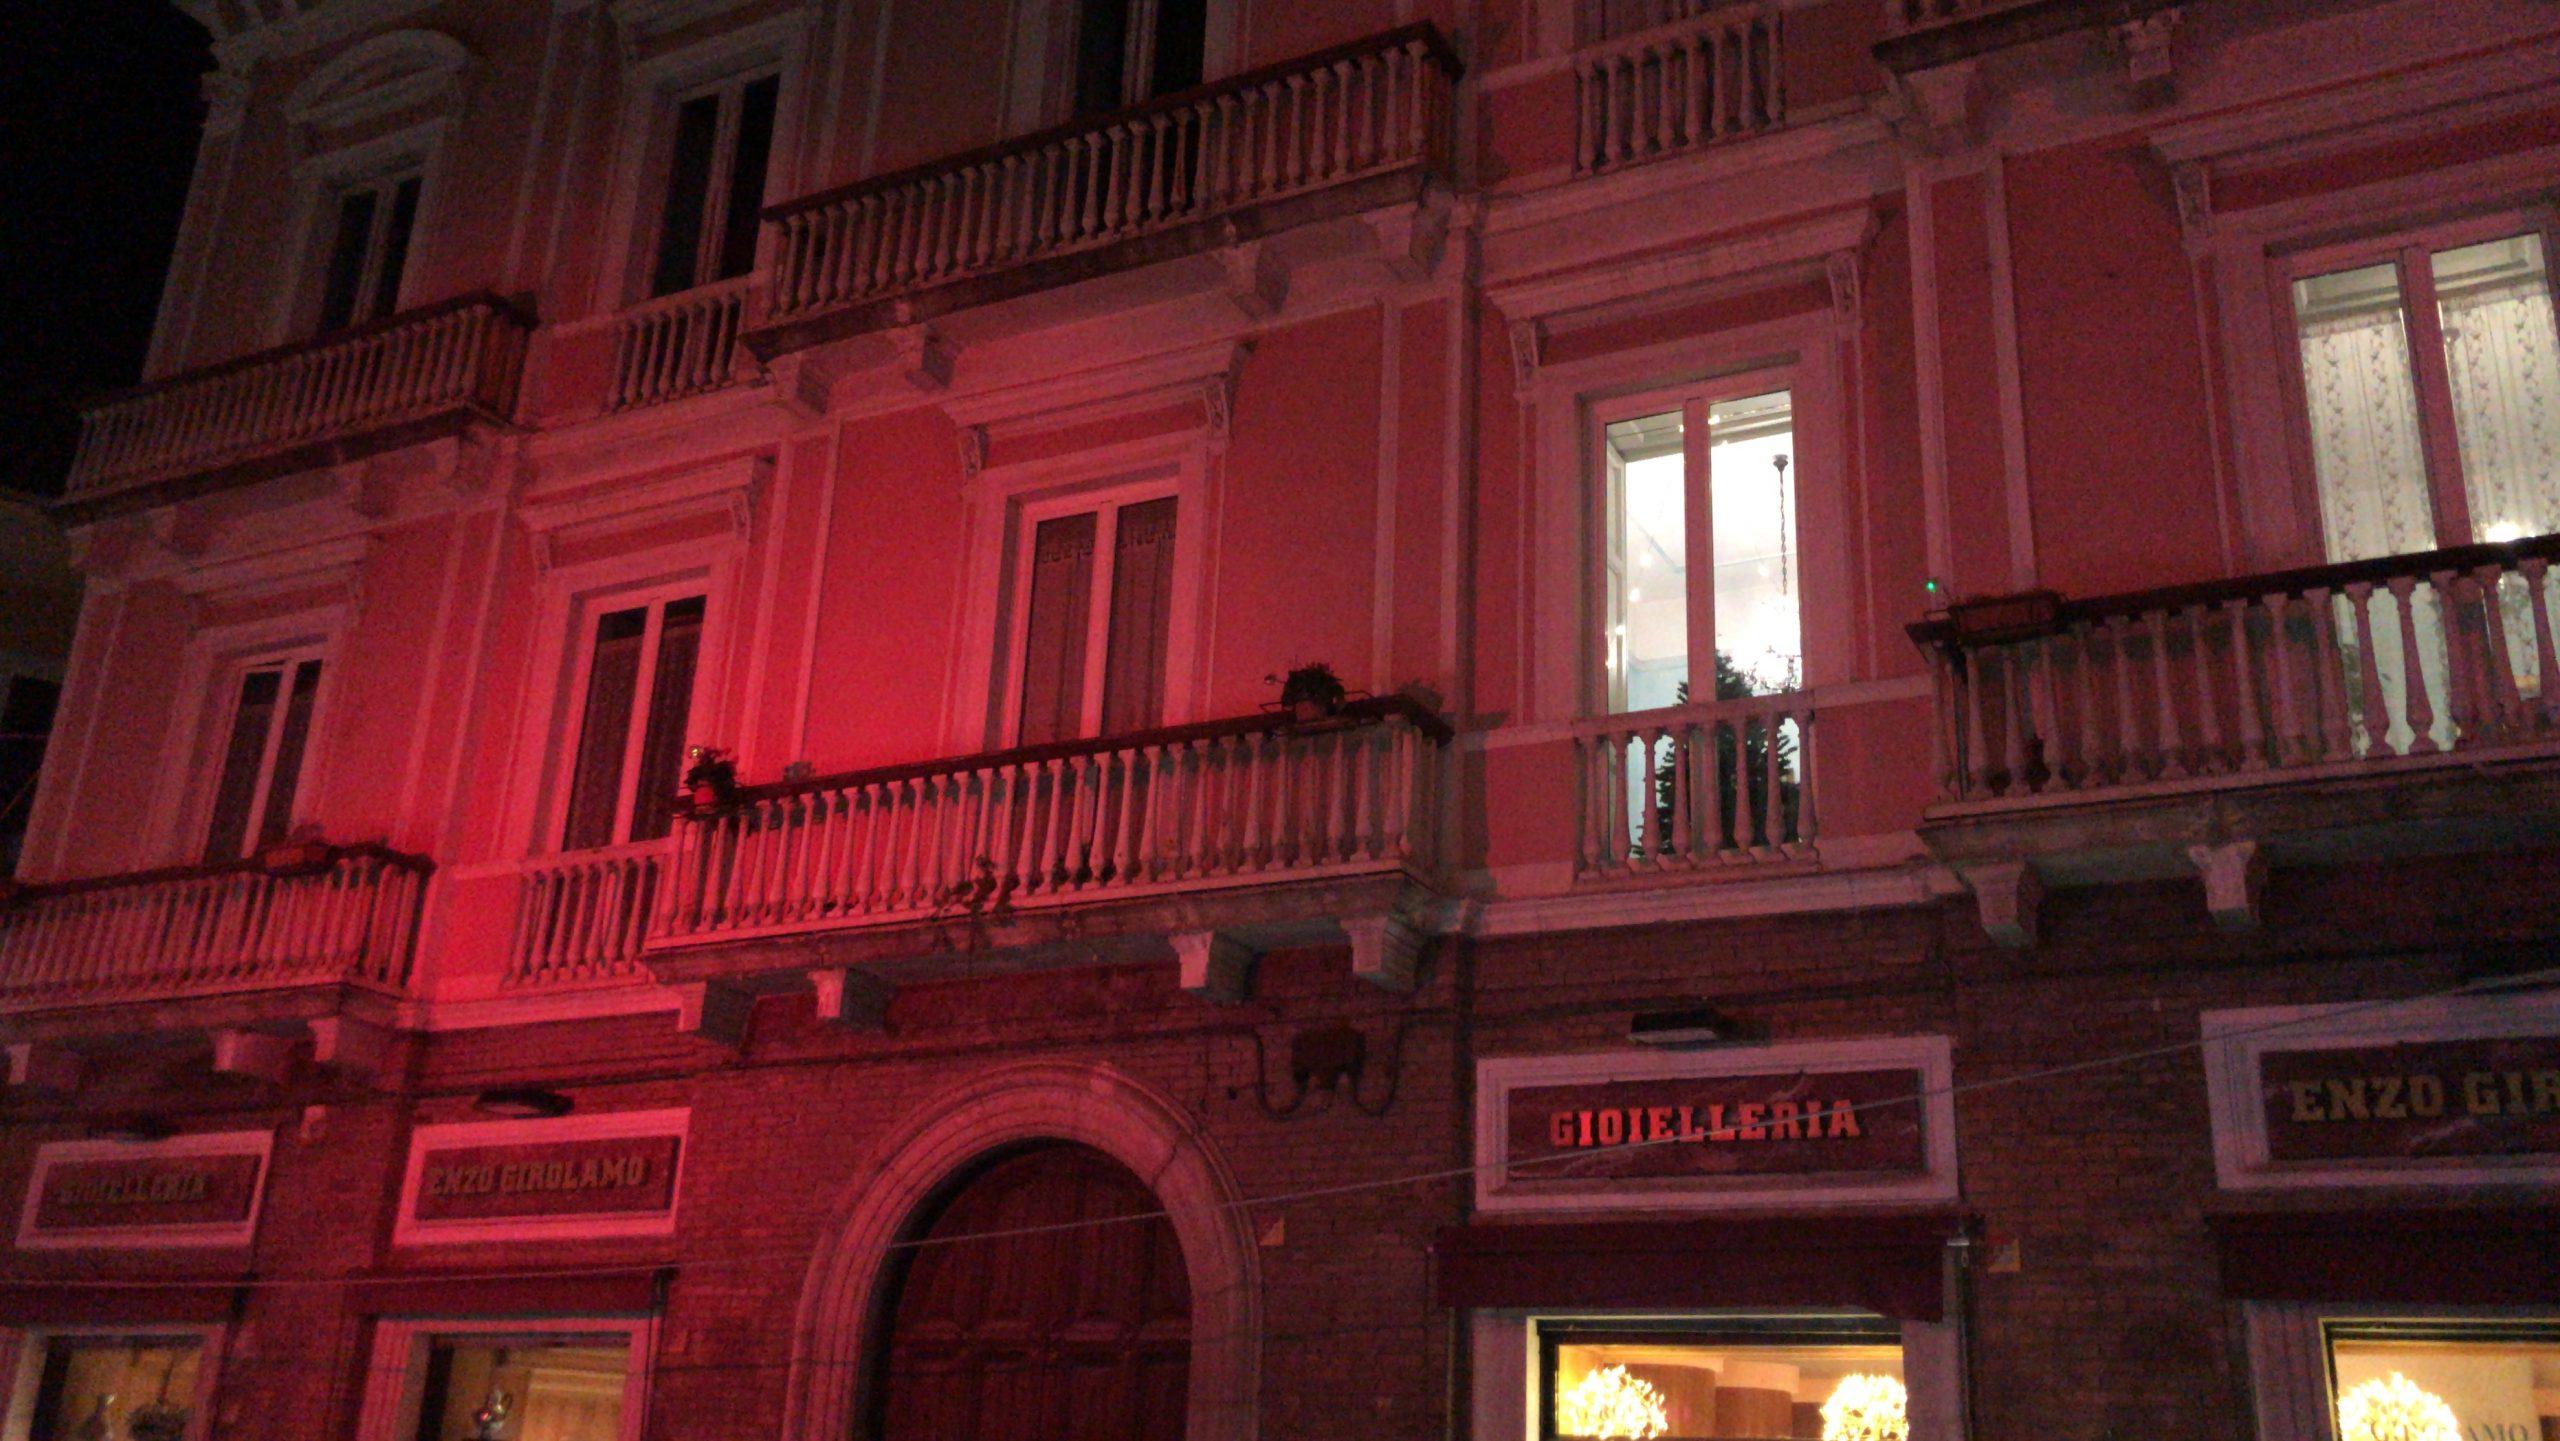 Natale A Benevento La Prima Va In Rosso Parrella Ordine Architetti Vi Spiego Cosa E Successo Lab Tv